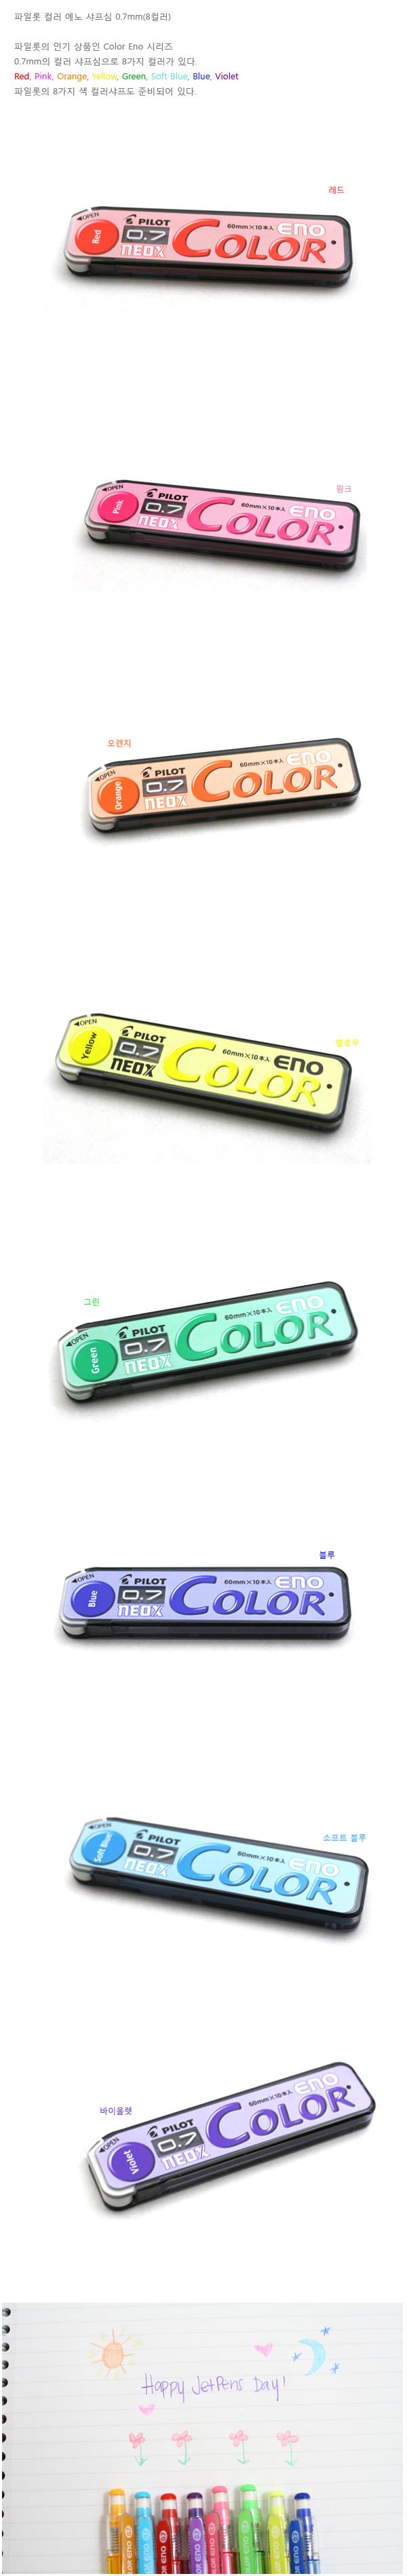 파일롯 컬러 에노샤프심 0.7mm(8컬러) - 제이펜즈, 3,500원, 샤프, 샤프심